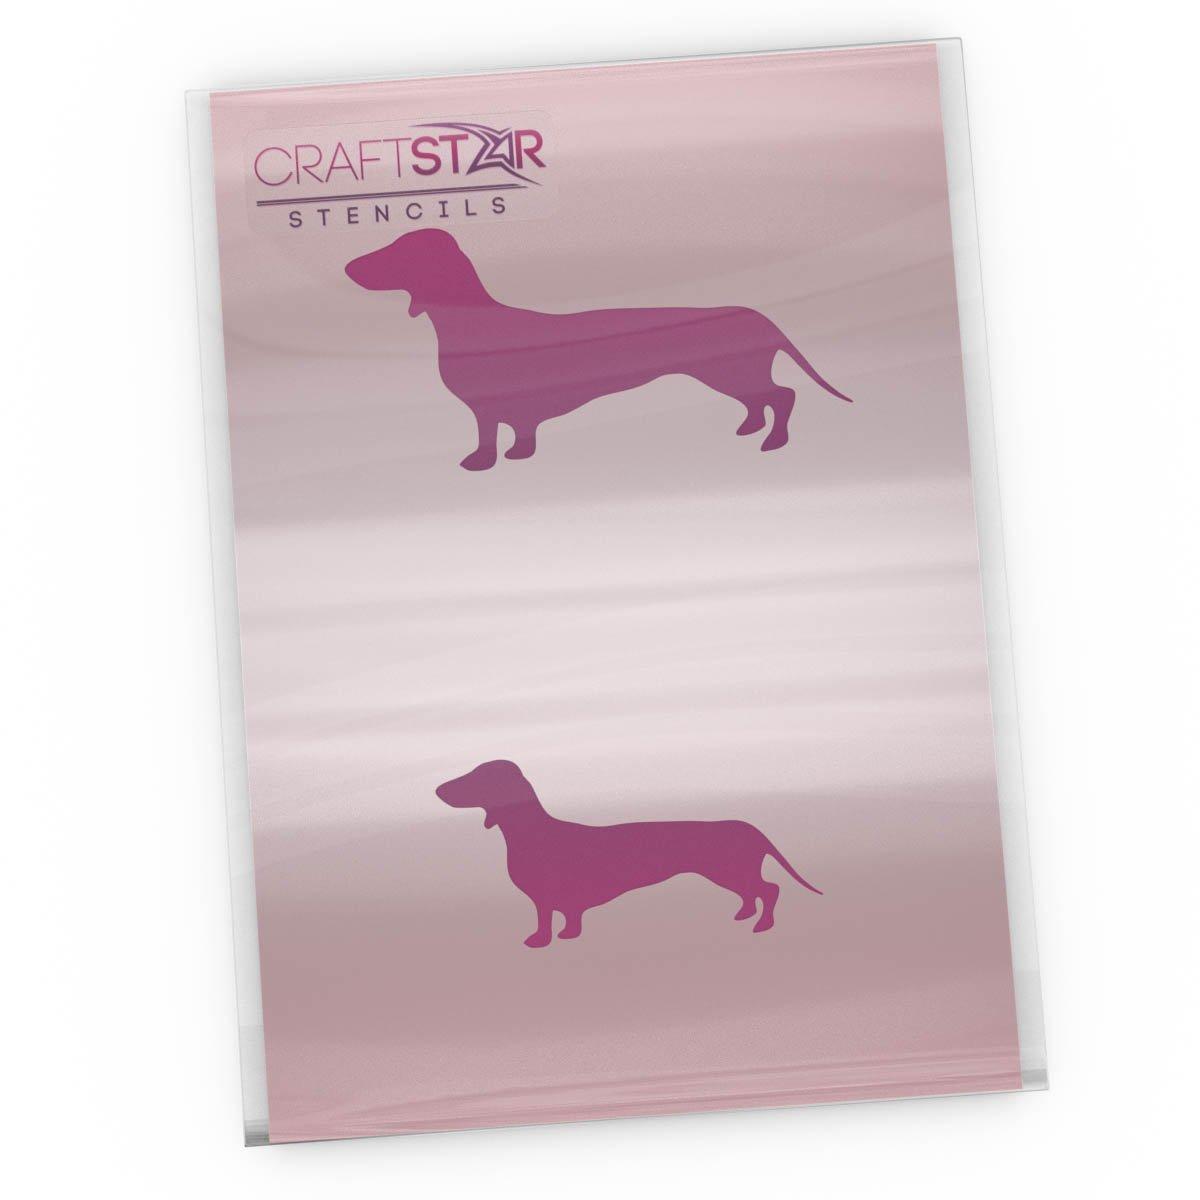 CraftStar Dachshund Stencil - Reusable Small Sausage Dog Stencil Set